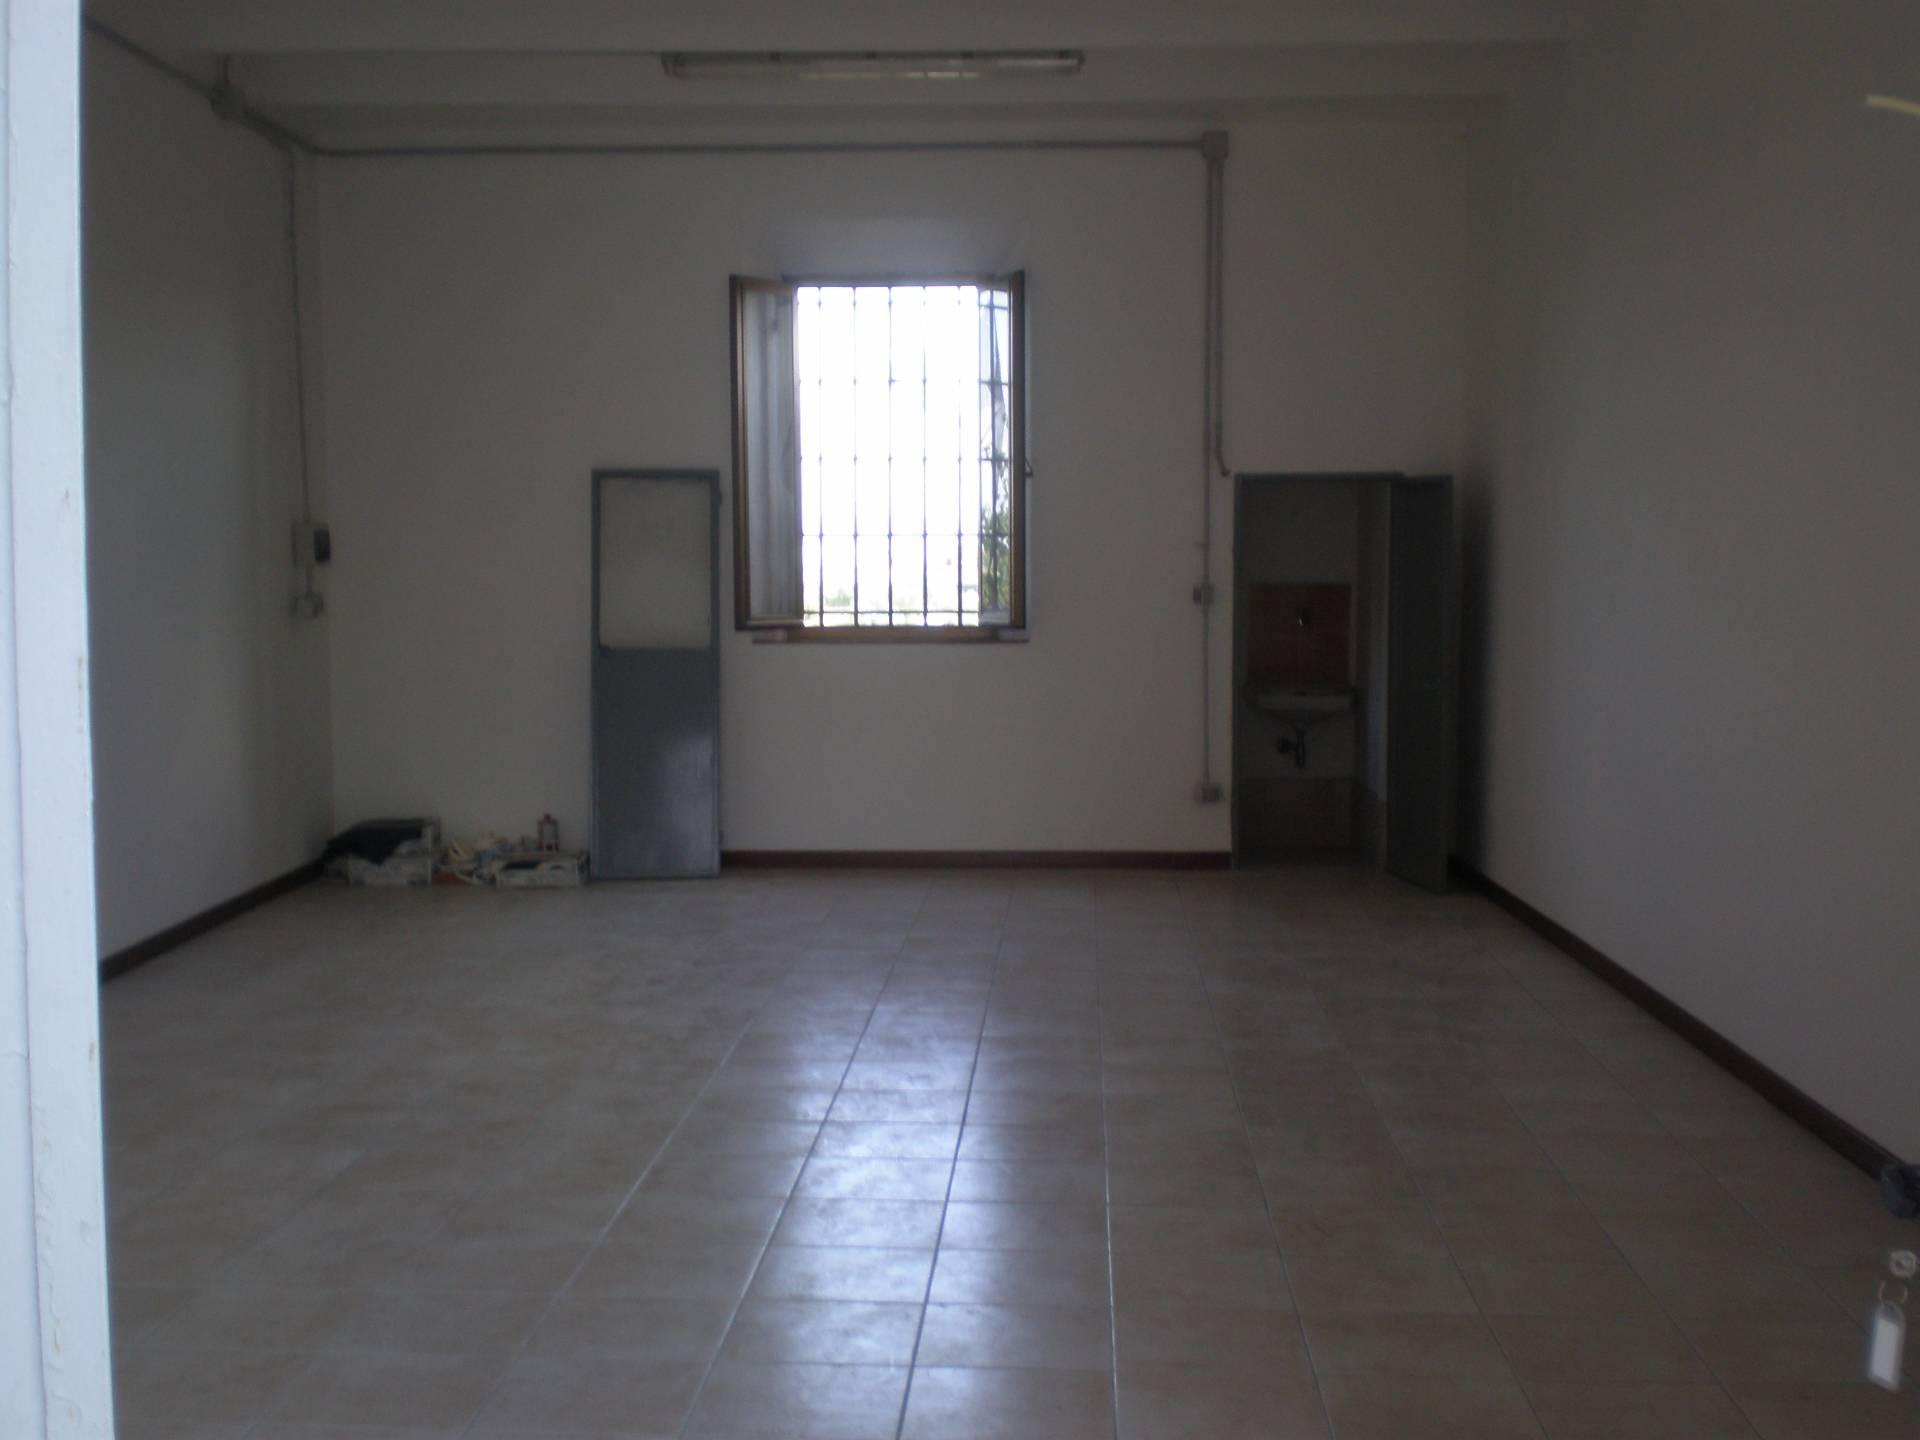 Magazzino in vendita a Montespertoli, 1 locali, prezzo € 70.000 | Cambio Casa.it